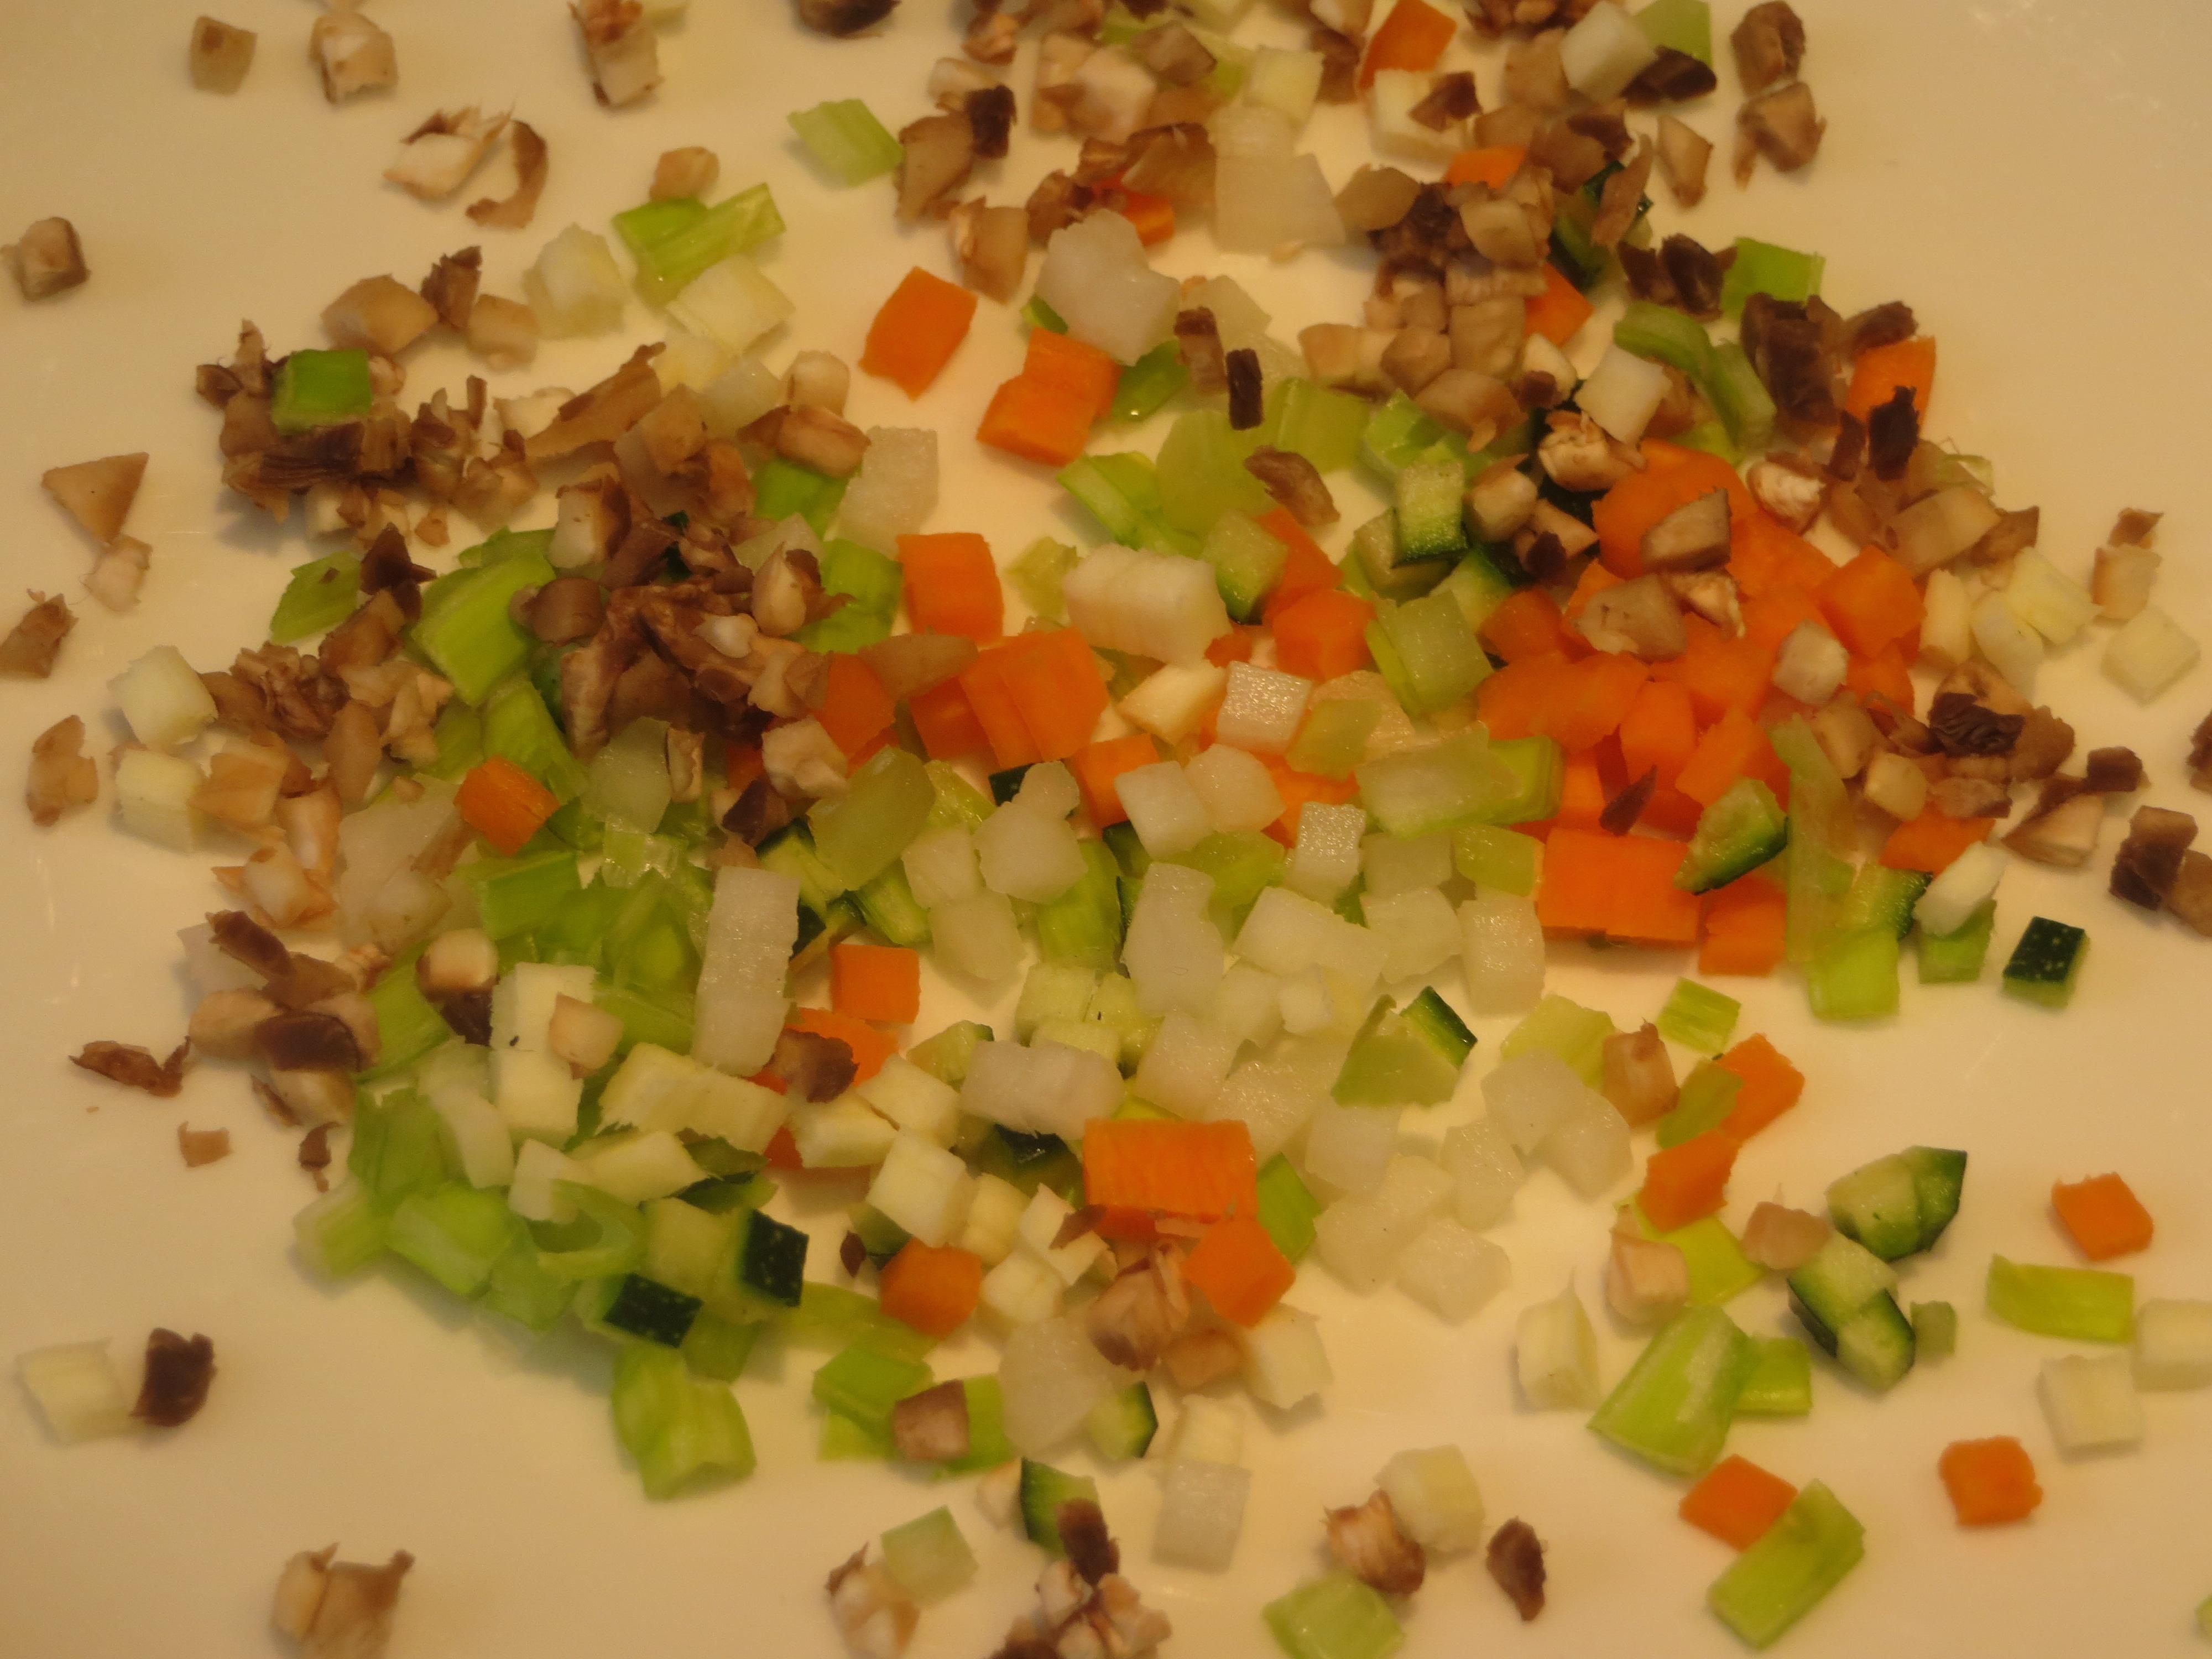 verduras cortadas en dados pequeños